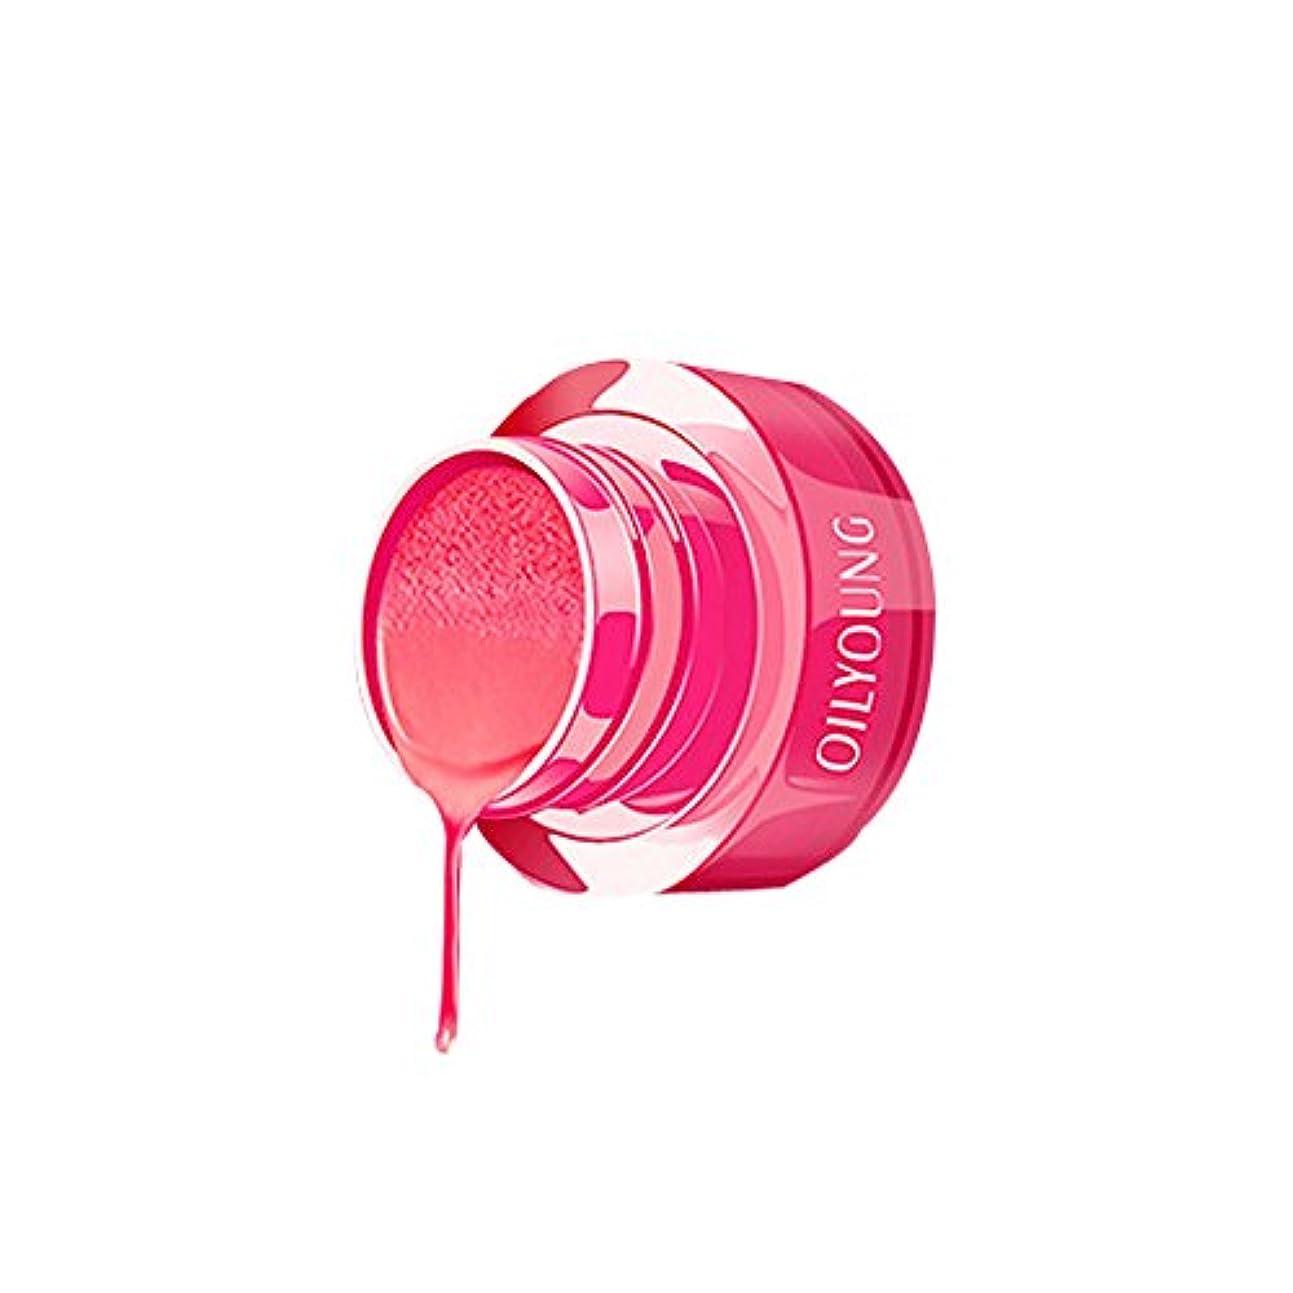 奨励欠かせない十一リップスティック 3グラム エアクッション口紅 ノーブル リップクリーム グラデーション 保湿 リップバーム リップグロス 化粧品 液体 水和 ツヤツヤな潤い肌の色を見せるルージュhuajuan